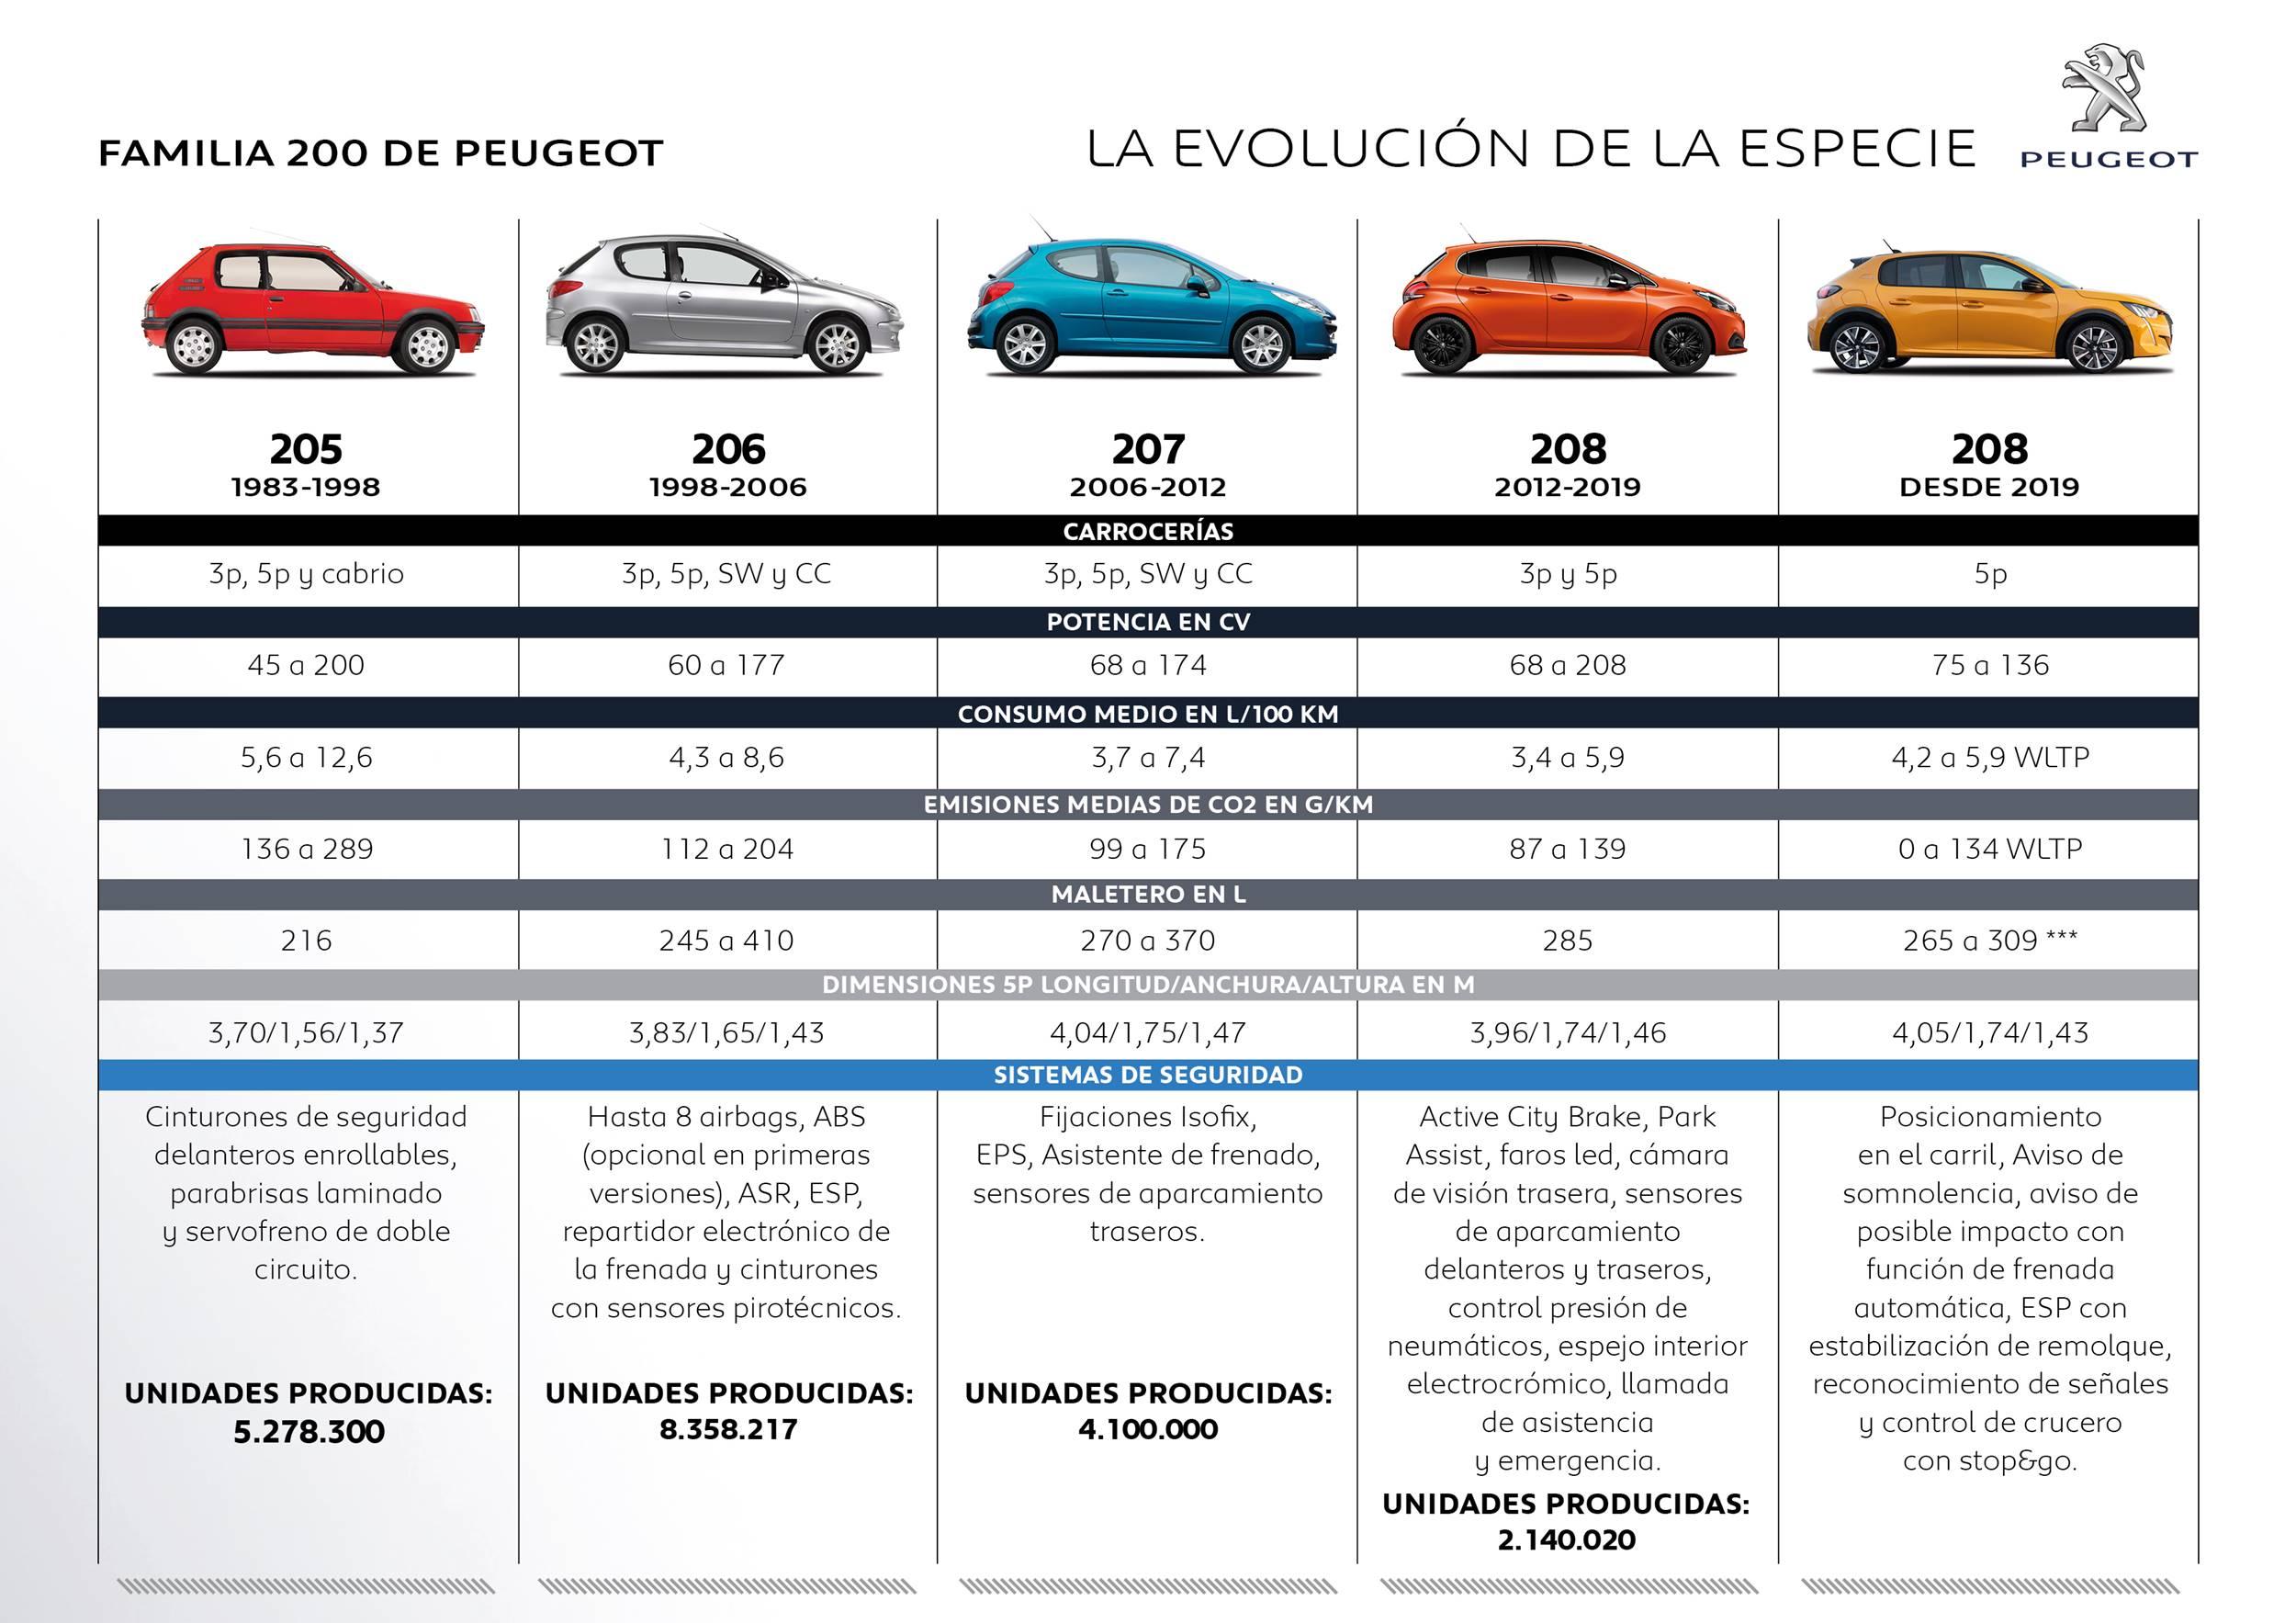 La evolución de la saga 200 de Peugeot